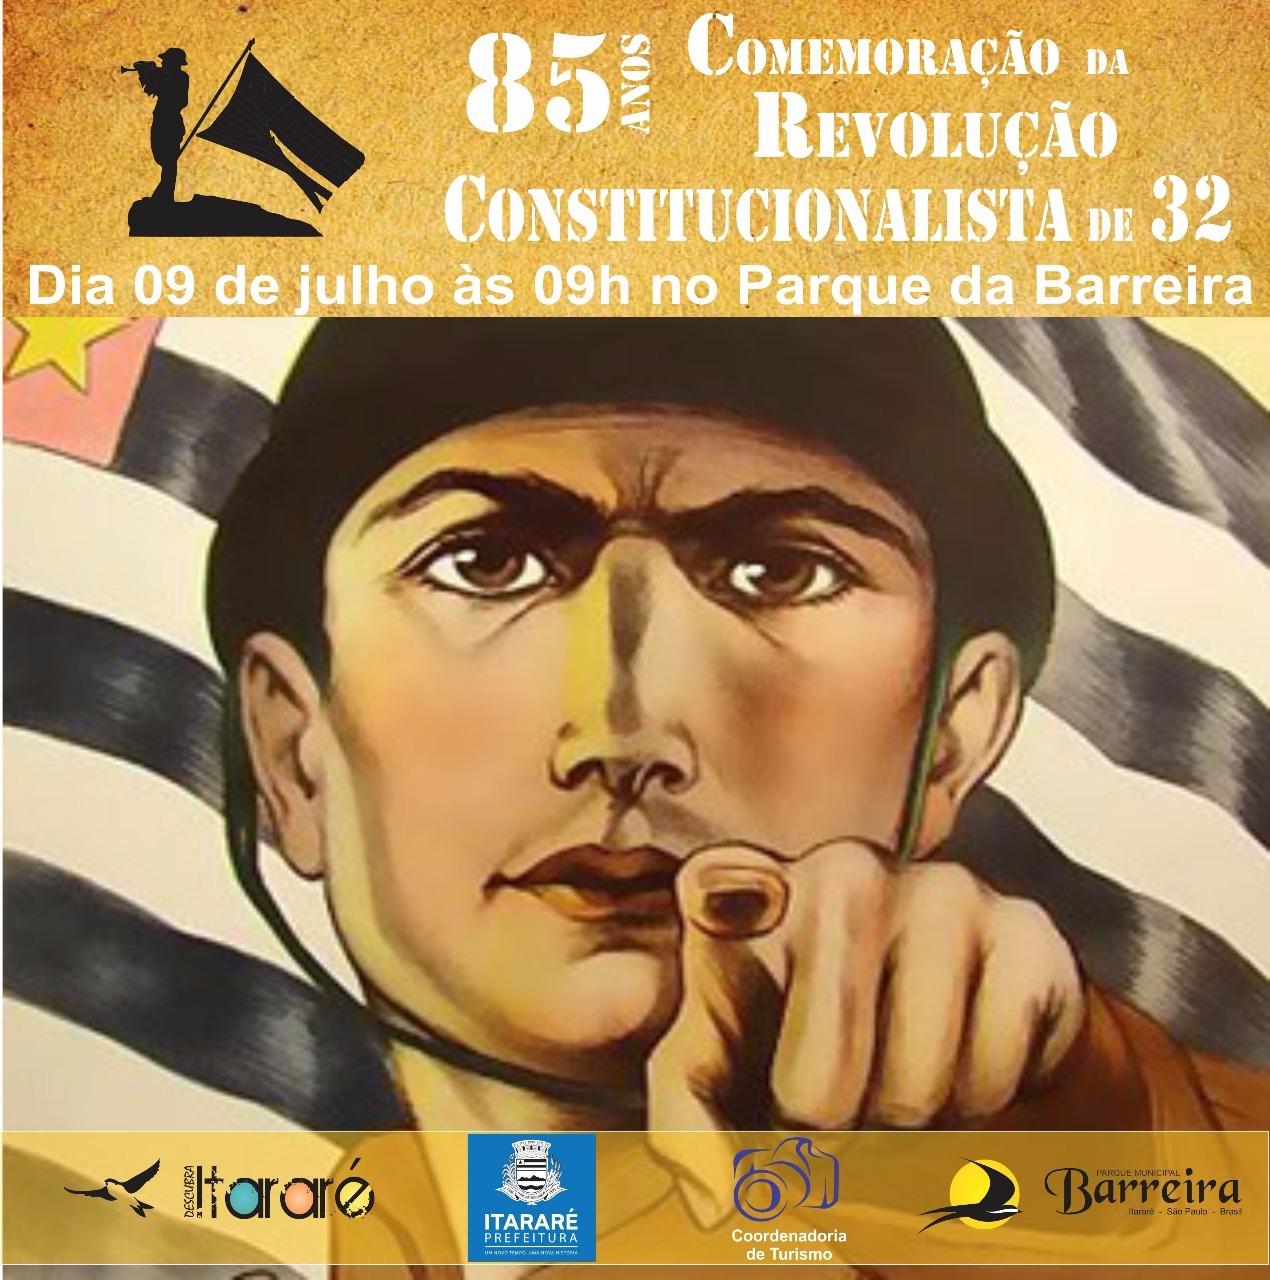 Prefeitura de Itararé (SP) promove evento em comemoração à Revolução Constitucionalista de 1932